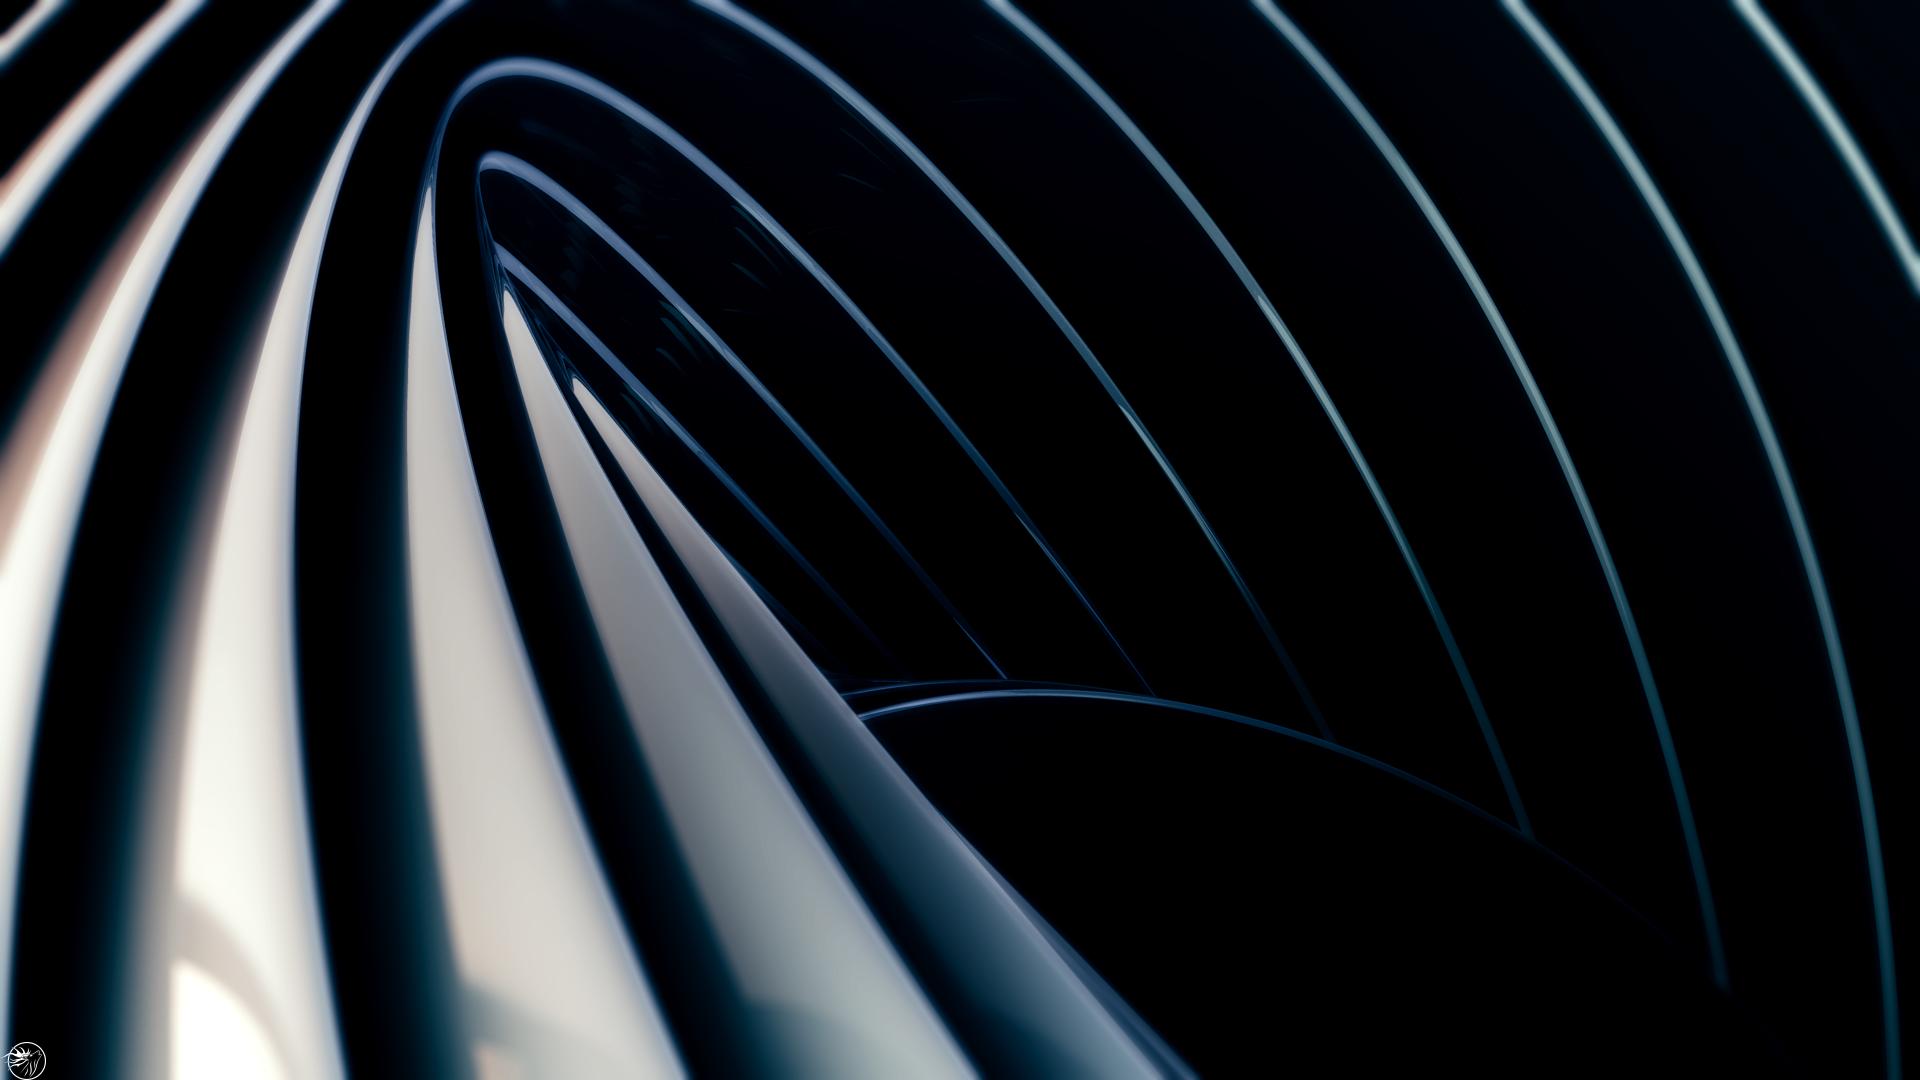 デスクトップ壁紙 日光 デジタルアート ダーク 抽象 3d アートワーク スパイラル 対称 サークル 合理化された 波 形状 ライン 闇 翼 スクリーンショット コンピュータの壁紙 黒と白 モノクロ写真 閉じる 19x1080 Tcbfergie